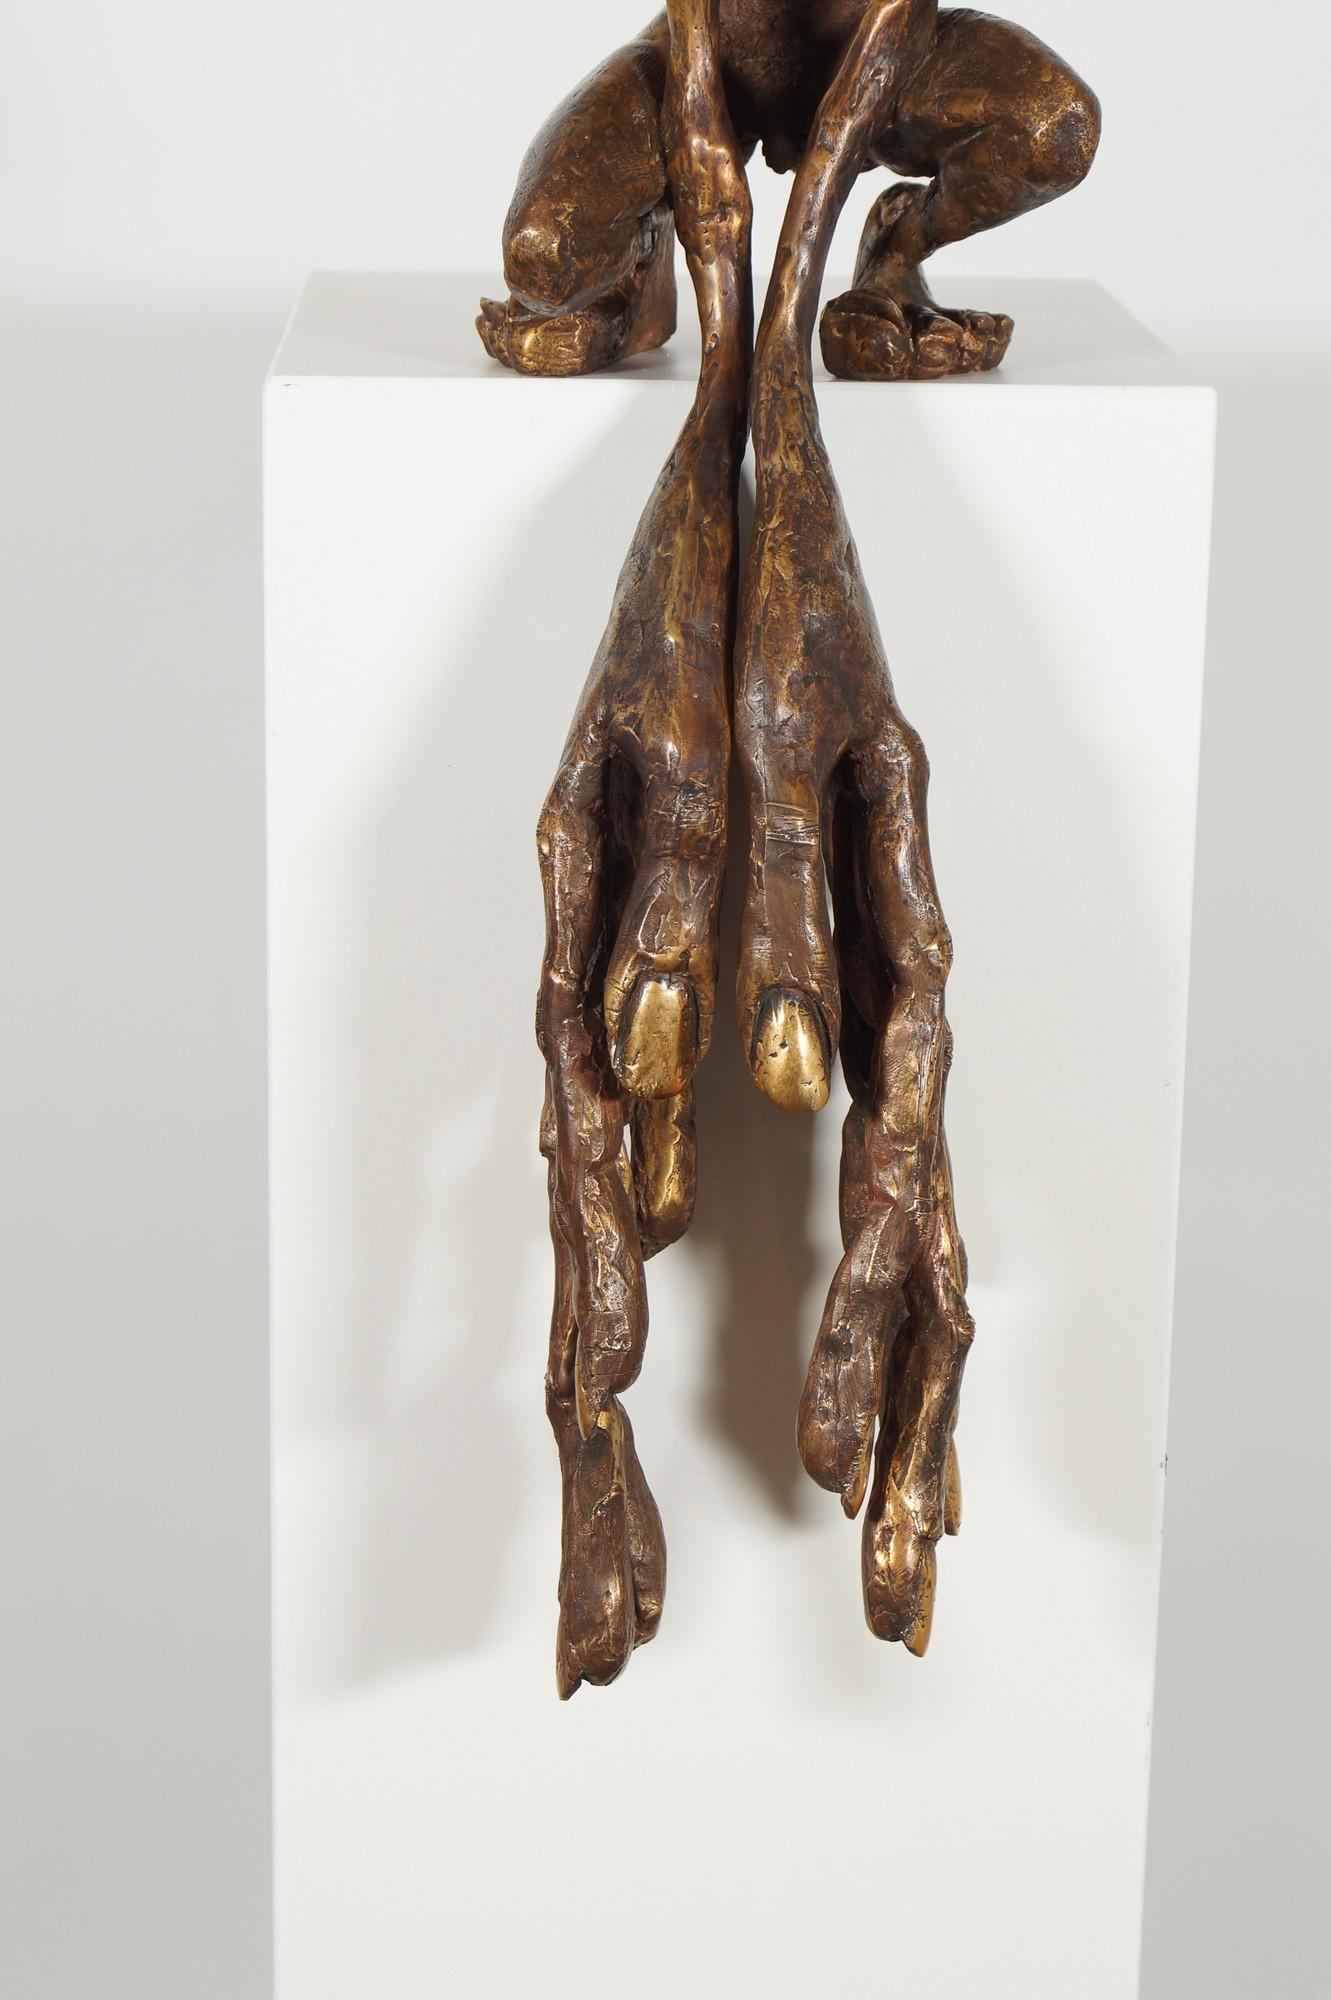 Der Kantenhocker - Detail Hände, Bronze Plastik, Skulptur von Tim David Trillsam, Edition